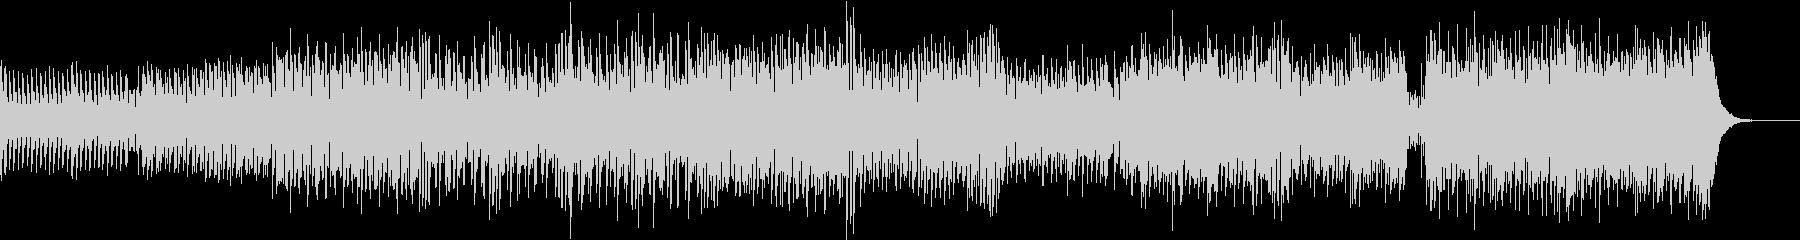 曲調が変化するカラフルなテクノポップの未再生の波形